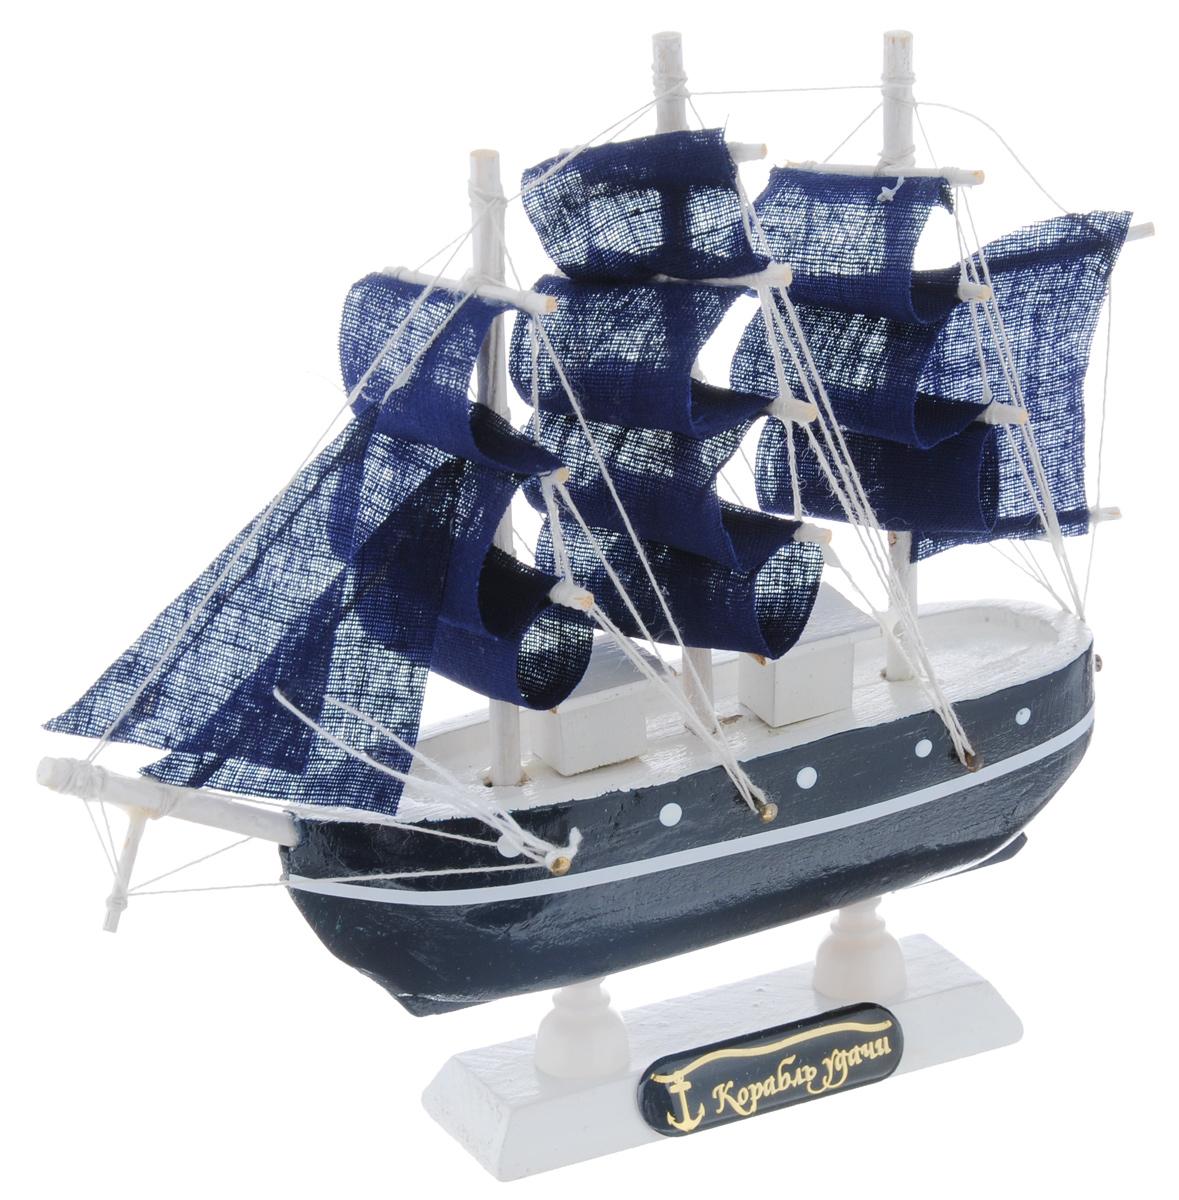 Корабль сувенирный Корабль удачи, на подставке, длина 16 см432000Сувенирный корабль Корабль удачи, изготовленный из дерева и текстиля, это великолепный элемент декора рабочей зоны в офисе или кабинете. Корабль с парусами и якорями помещен на деревянную подставку. Время идет, и мы становимся свидетелями развития технического прогресса, новых учений и практик. Но одно не подвластно времени - это любовь человека к морю и кораблям. Сувенирный корабль наполнен историей и силой океанских вод. Данная модель кораблика станет отличным подарком для всех любителей морей, поклонников историй о покорении океанов и неизведанных земель. Модель корабля - подарок со смыслом. Издавна на Руси считалось, что корабли приносят удачу и везение. Поэтому их изображения, фигурки и точные копии всегда присутствовали в помещениях. Удивите себя и своих близких необычным презентом.